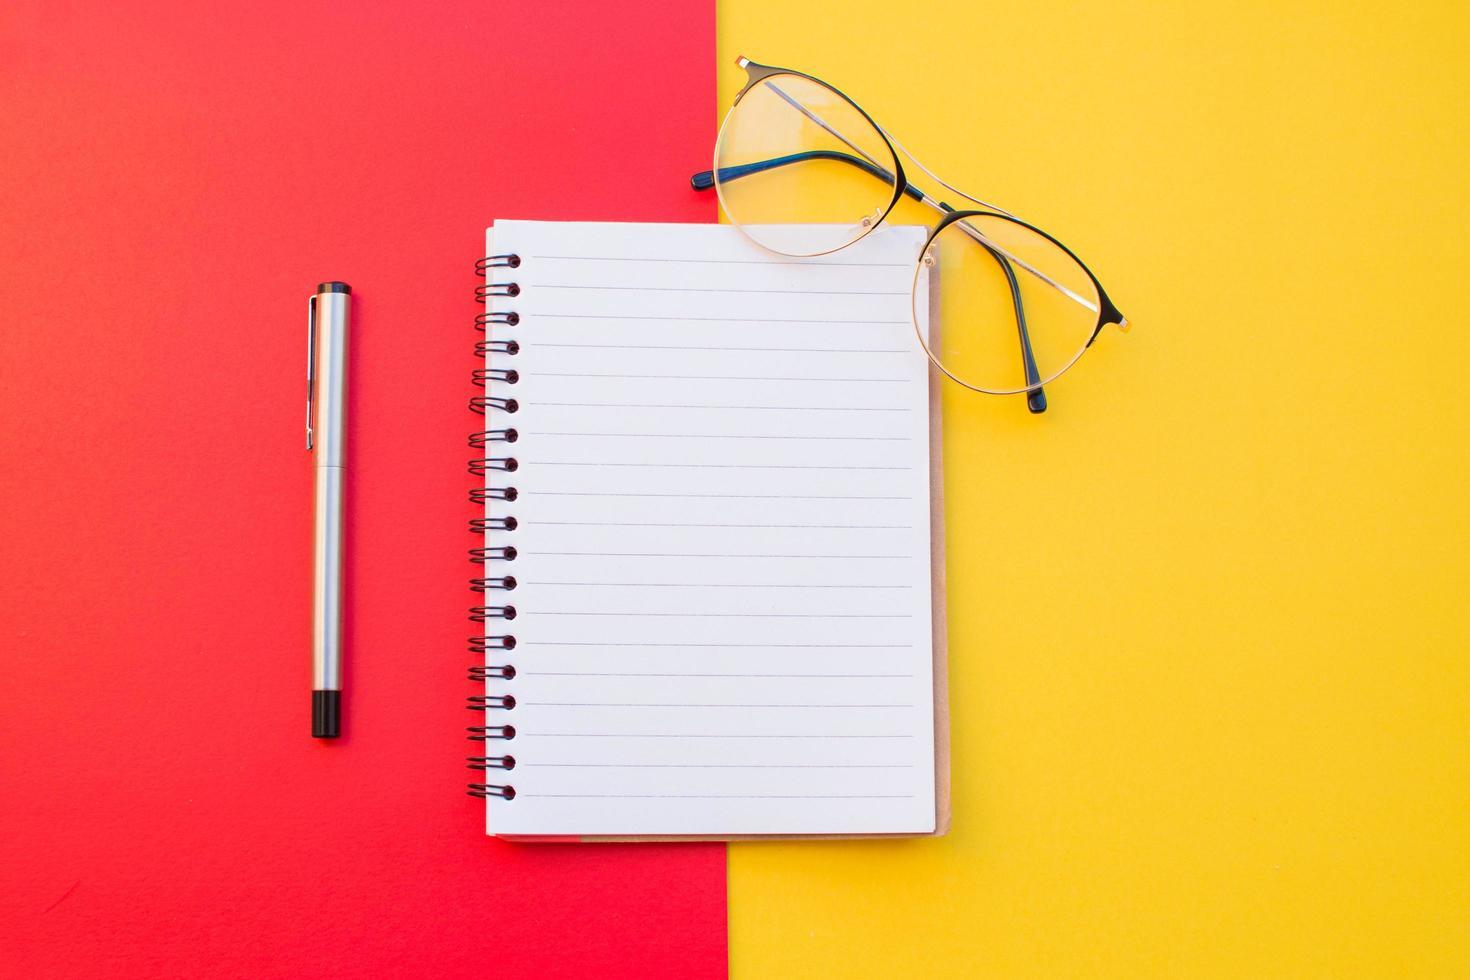 cahier, lunettes et stylo sur fond rouge et jaune photo